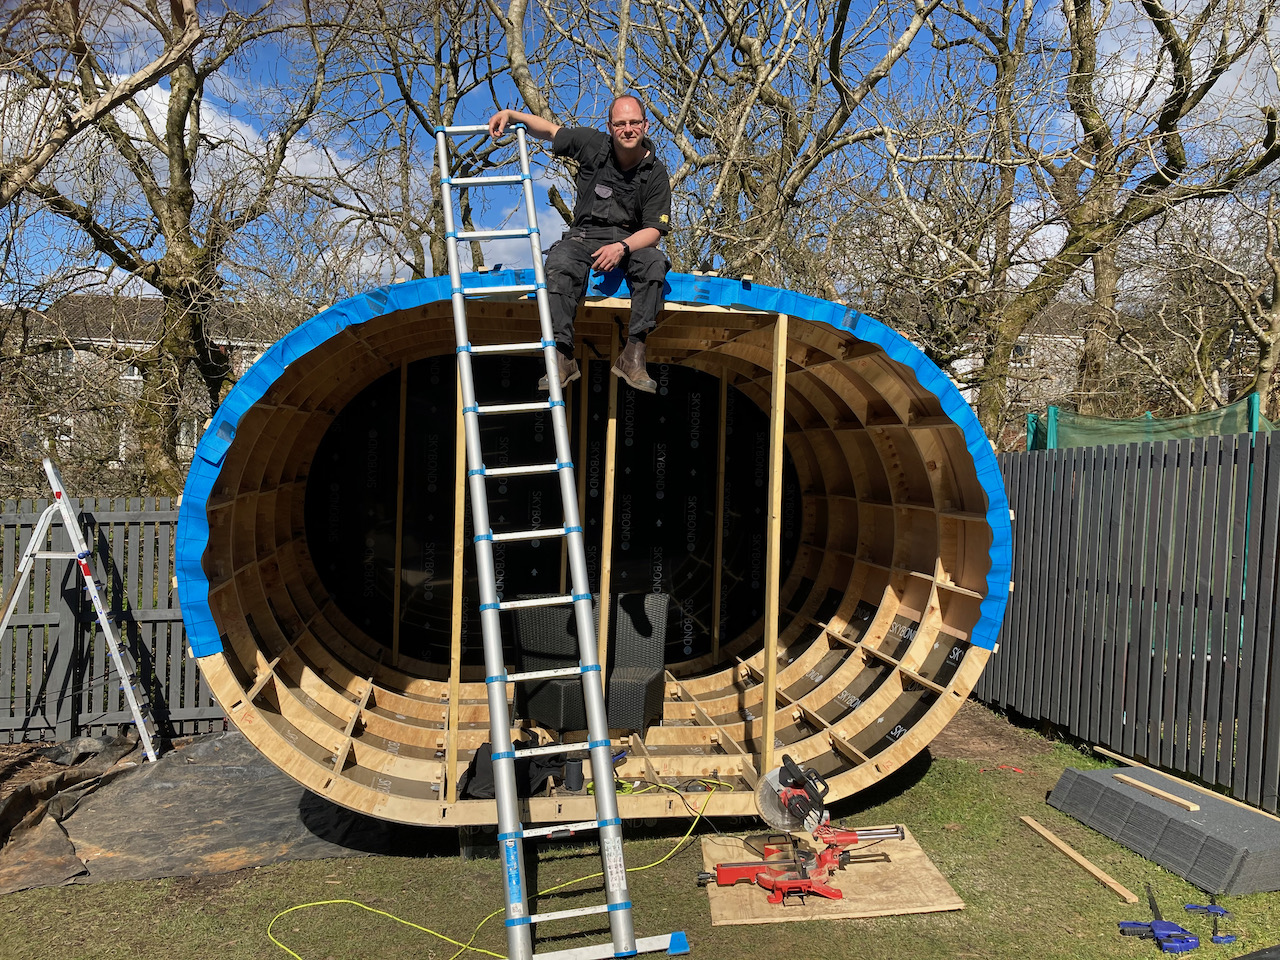 Oval pod frame